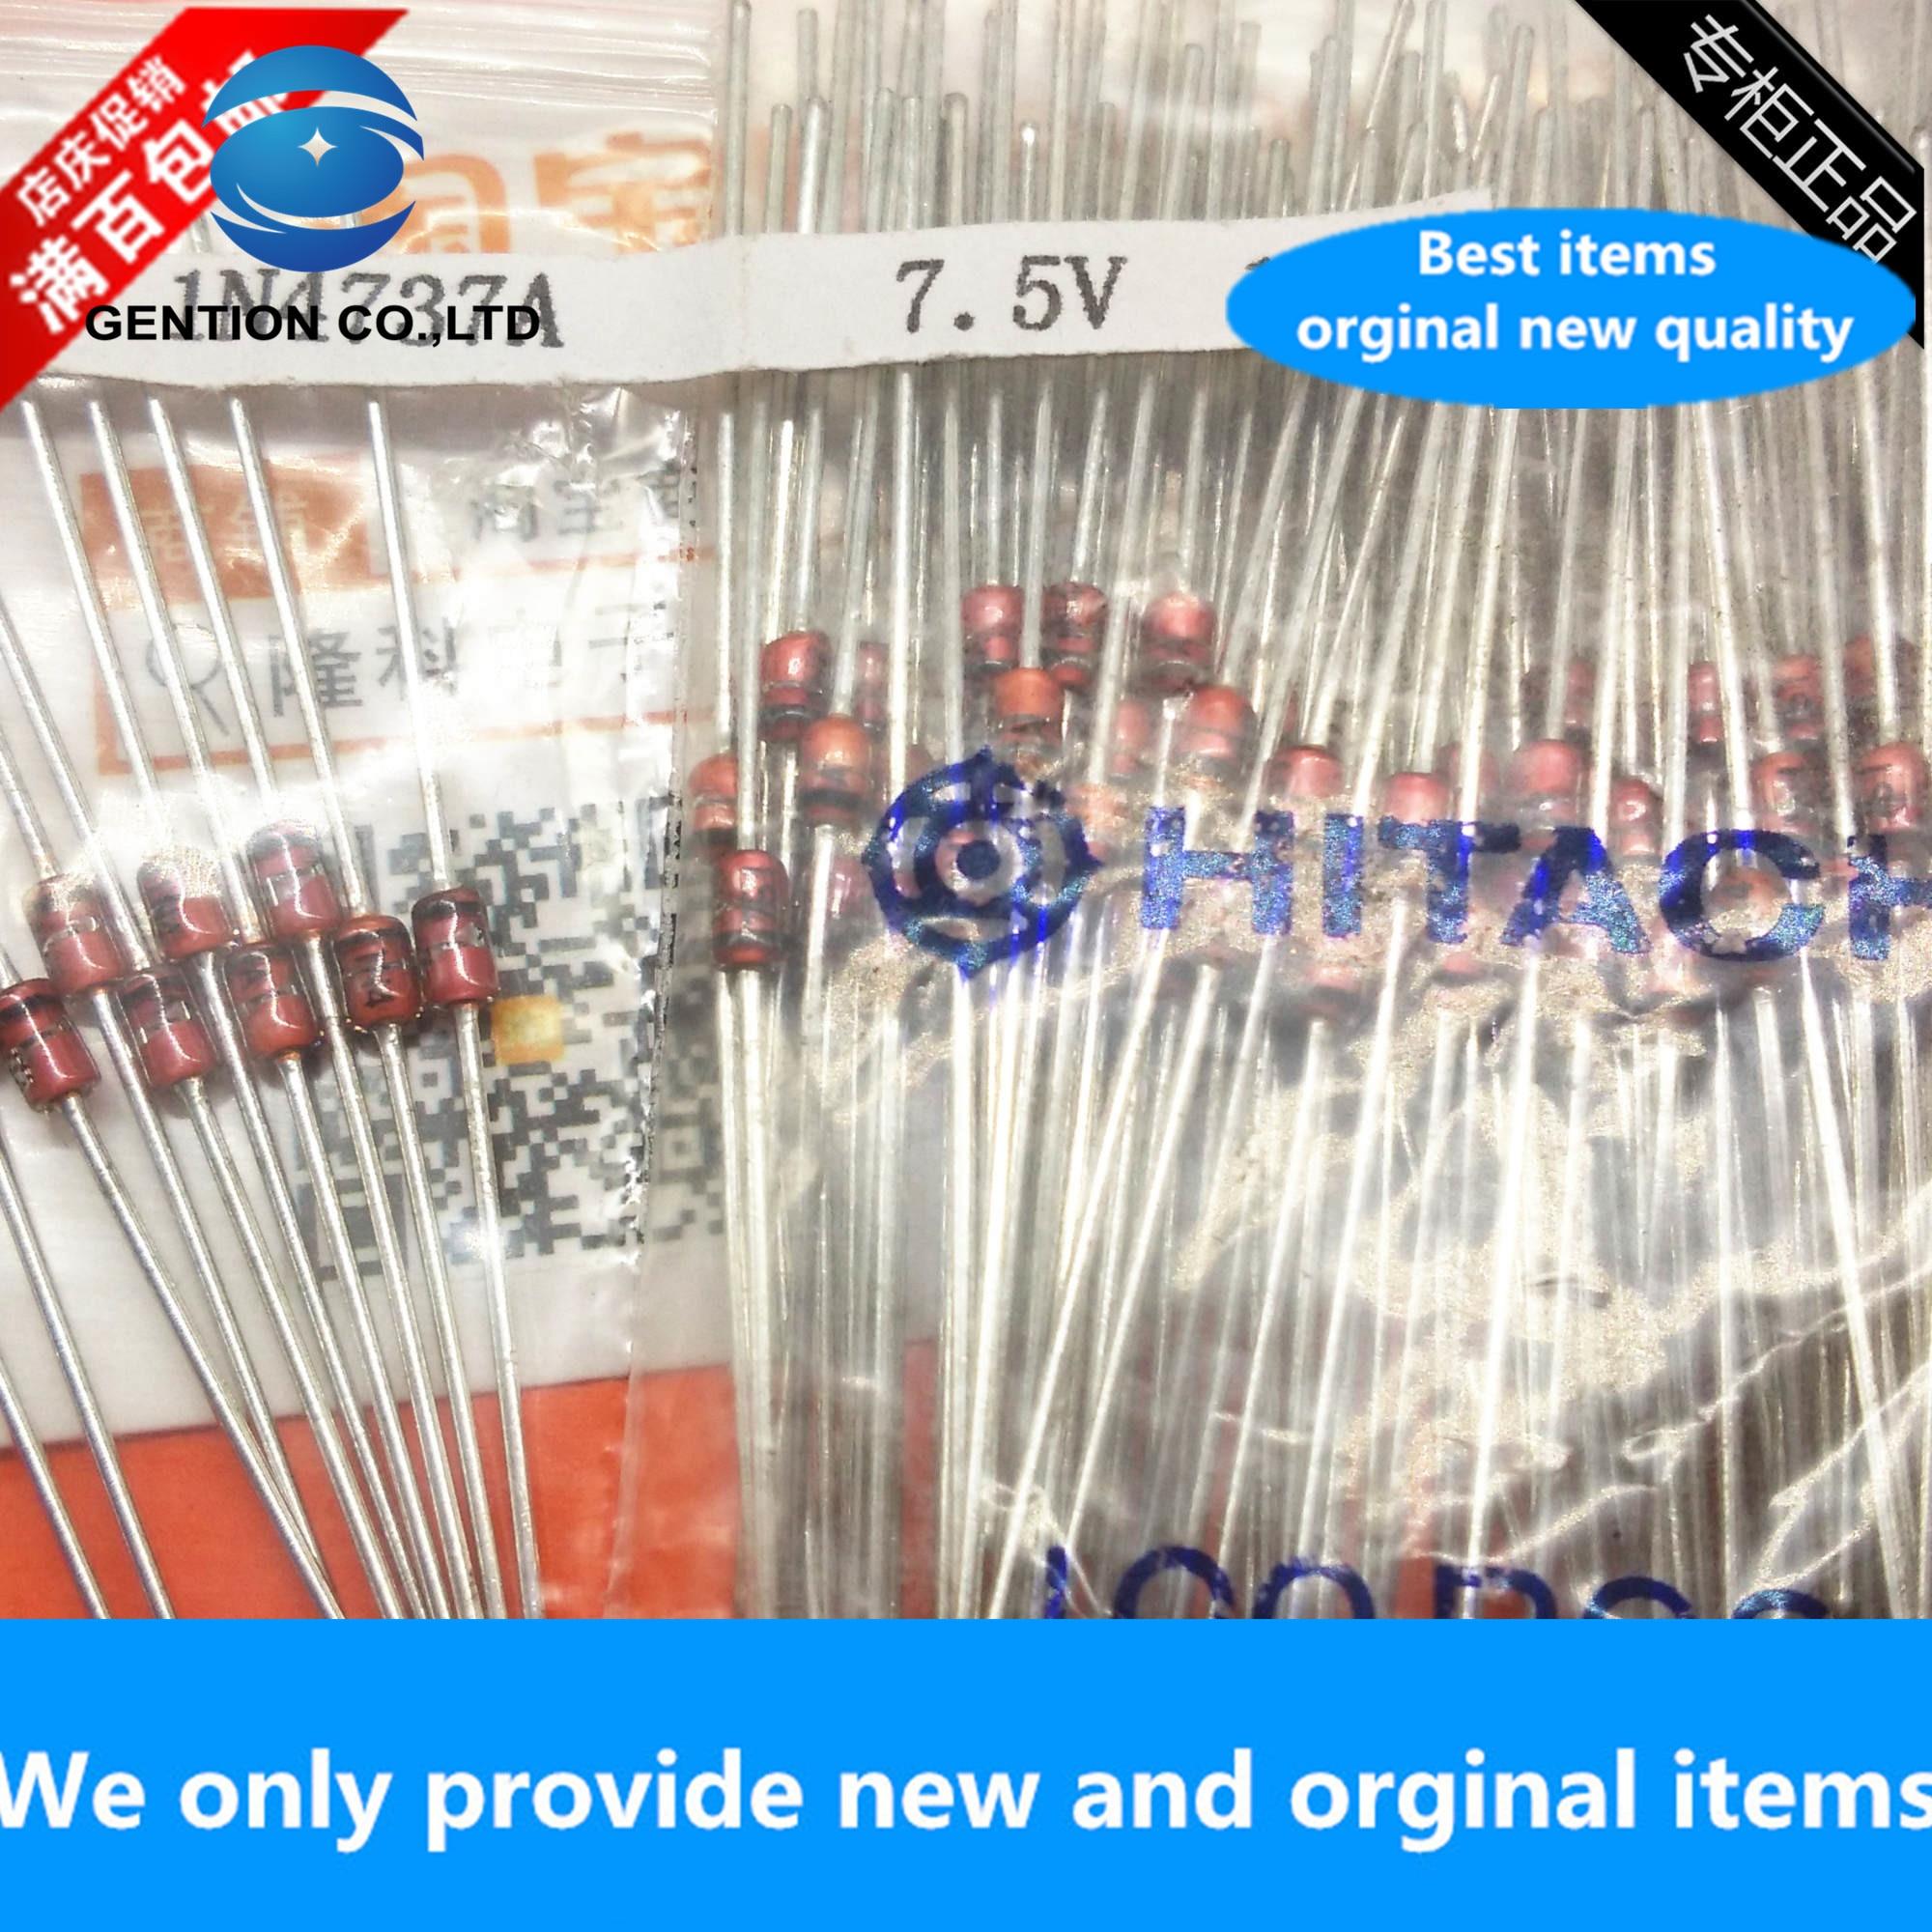 30 pces 100% original novo 1n4737a importado tensão estabilizador diodo 7.5v 1w in4737a em linha reta plug do-41 1n4737